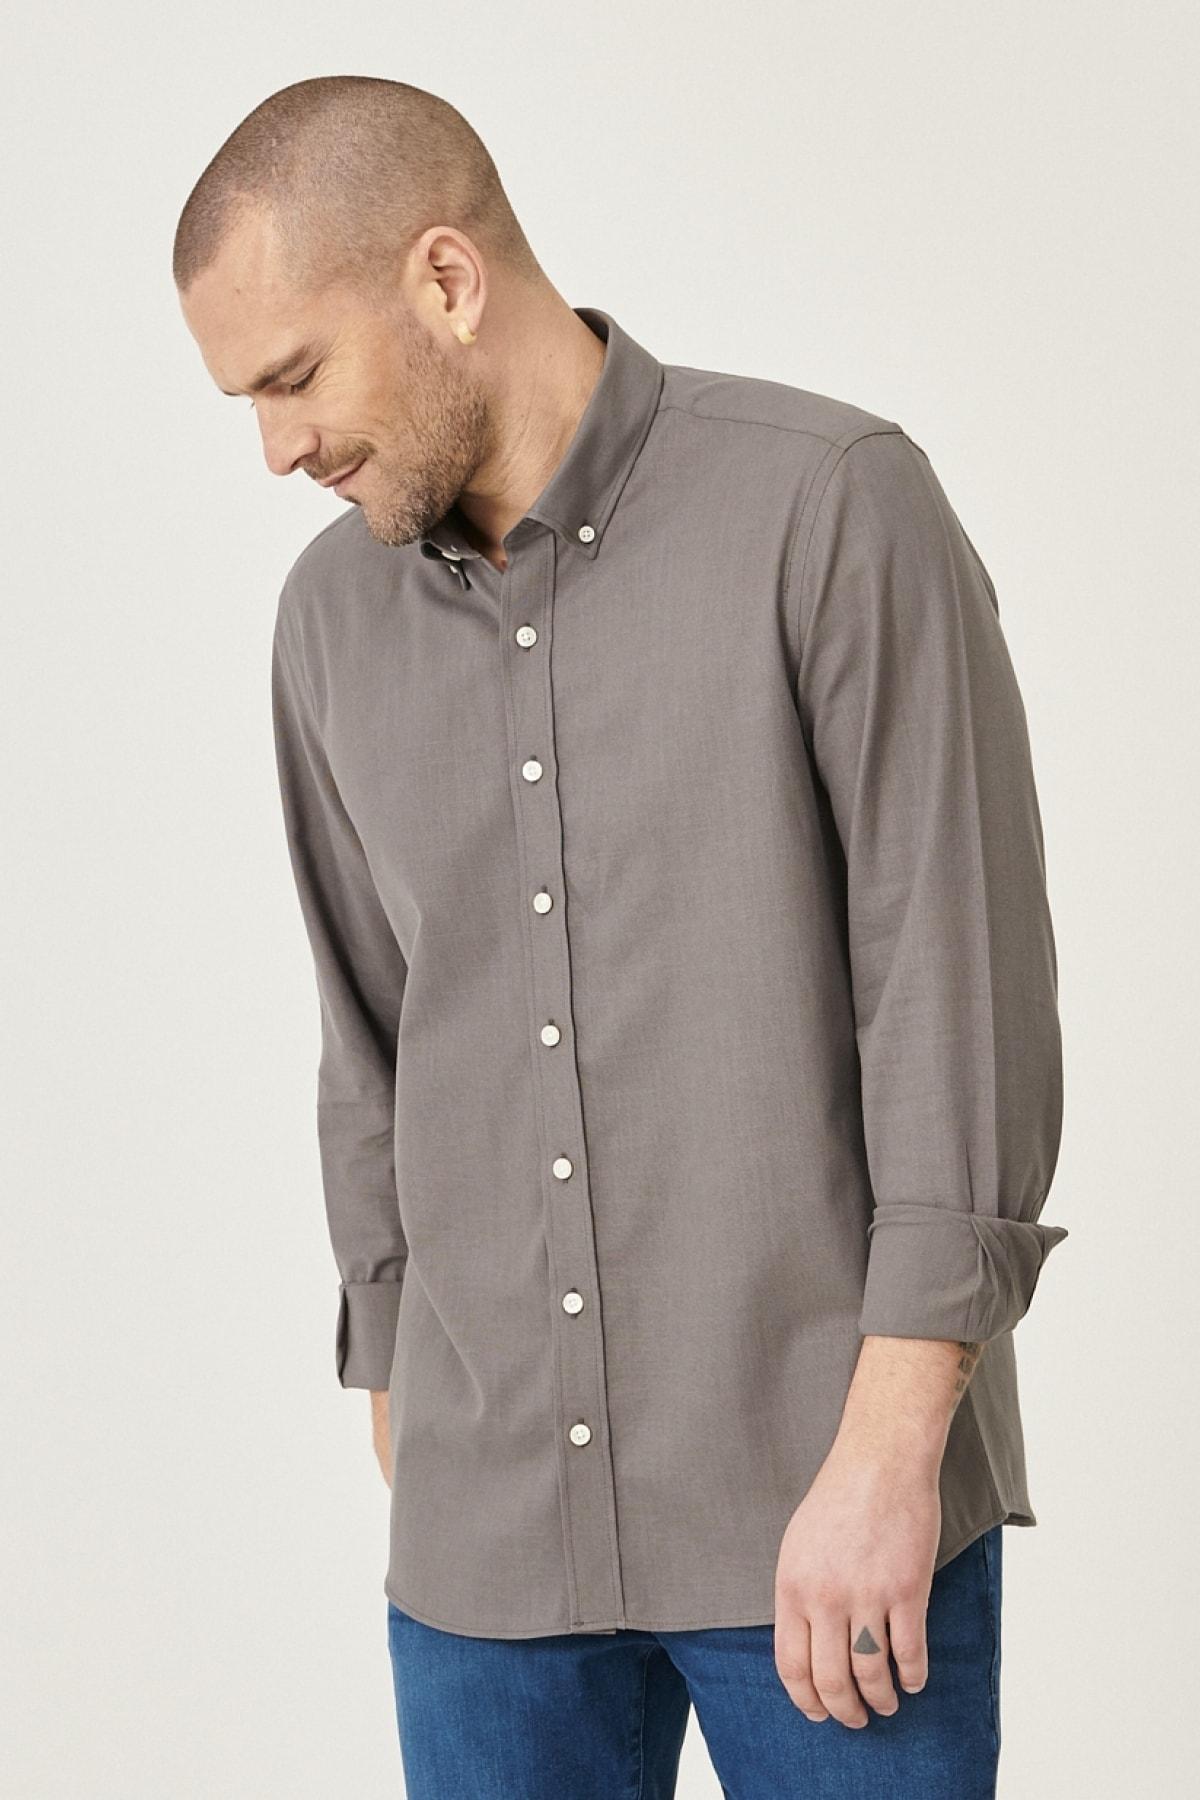 Erkek Antrasit Tailored Slim Fit Dar Kesim Düğmeli Yaka %100 Koton Gömlek